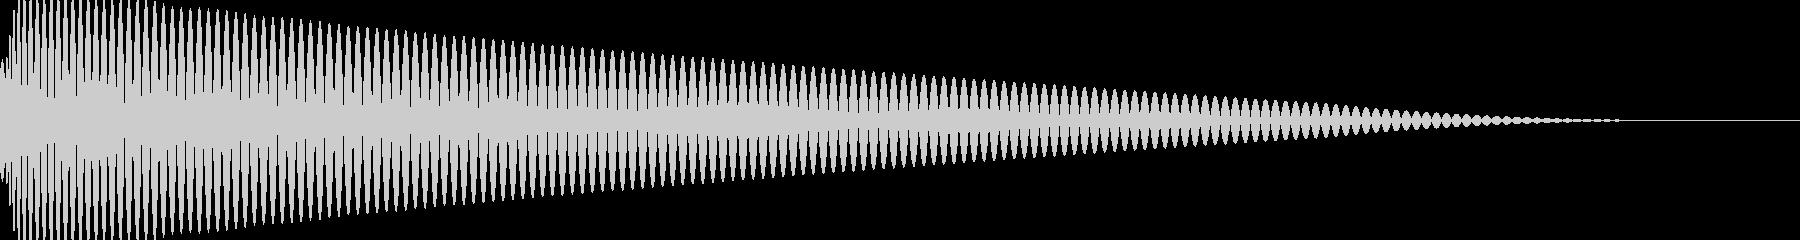 ピュルルル~↓ 体力ダウン 収縮 落下の未再生の波形